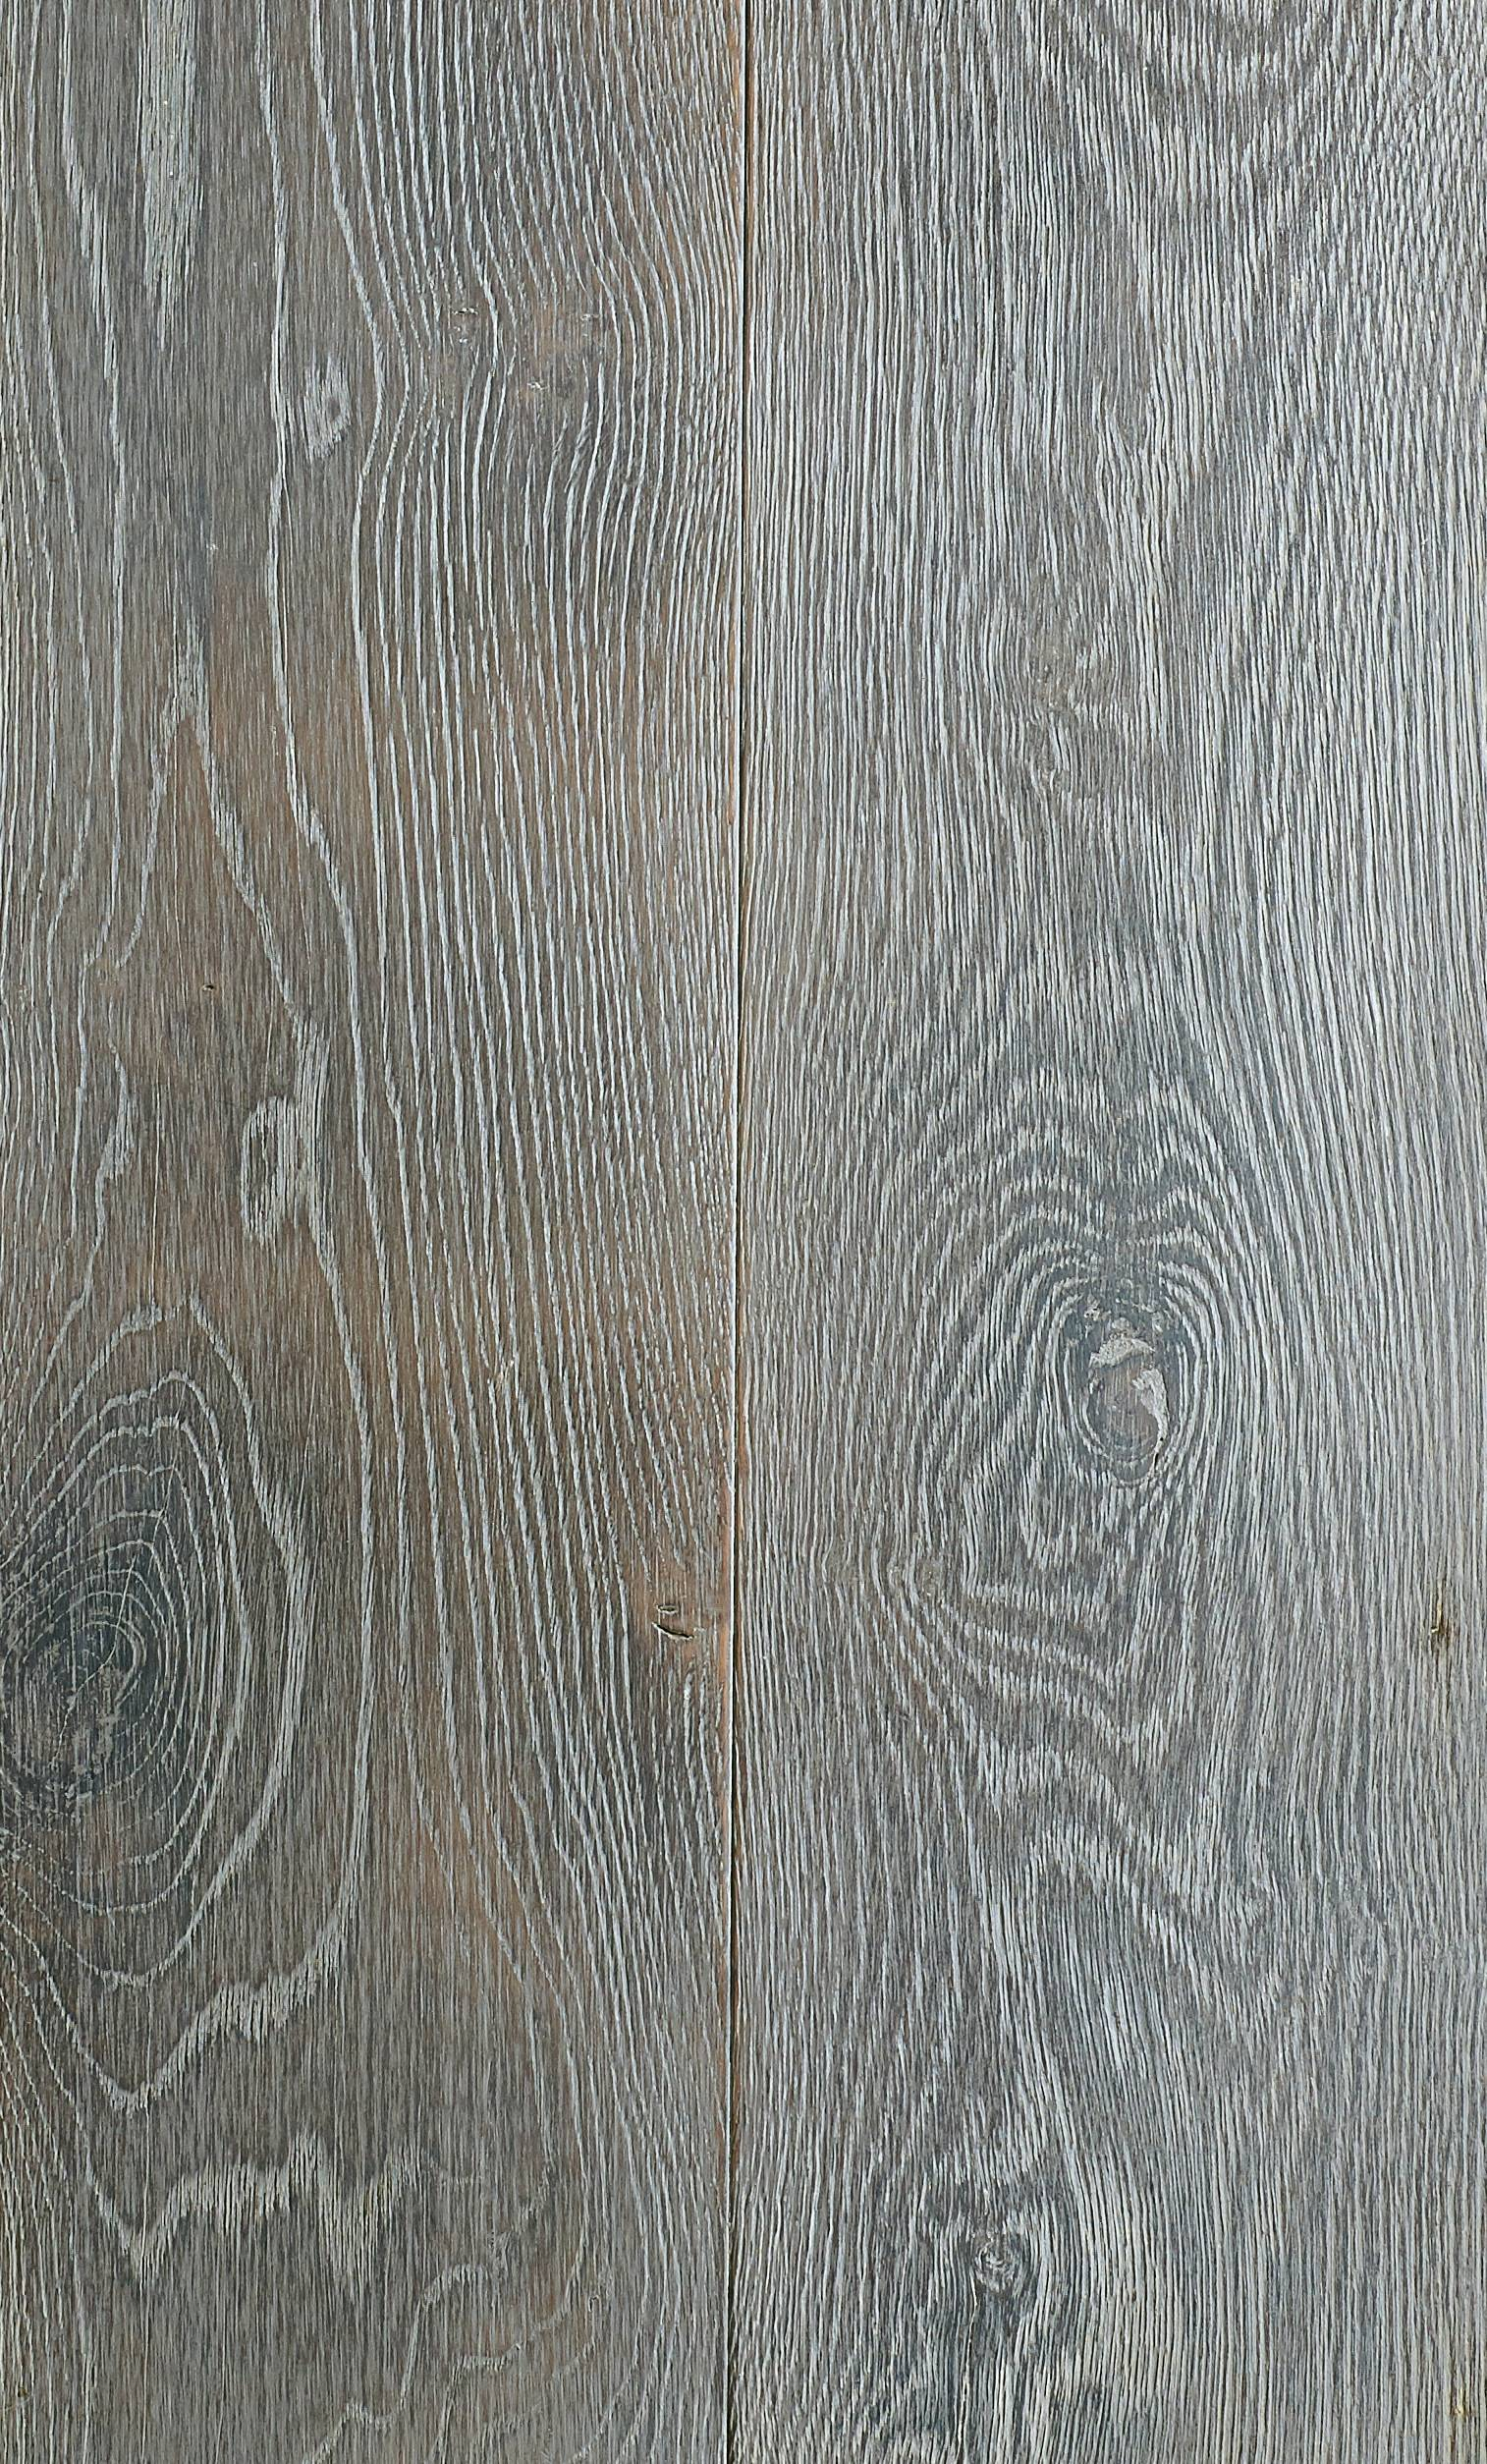 Driftwood, Brushed